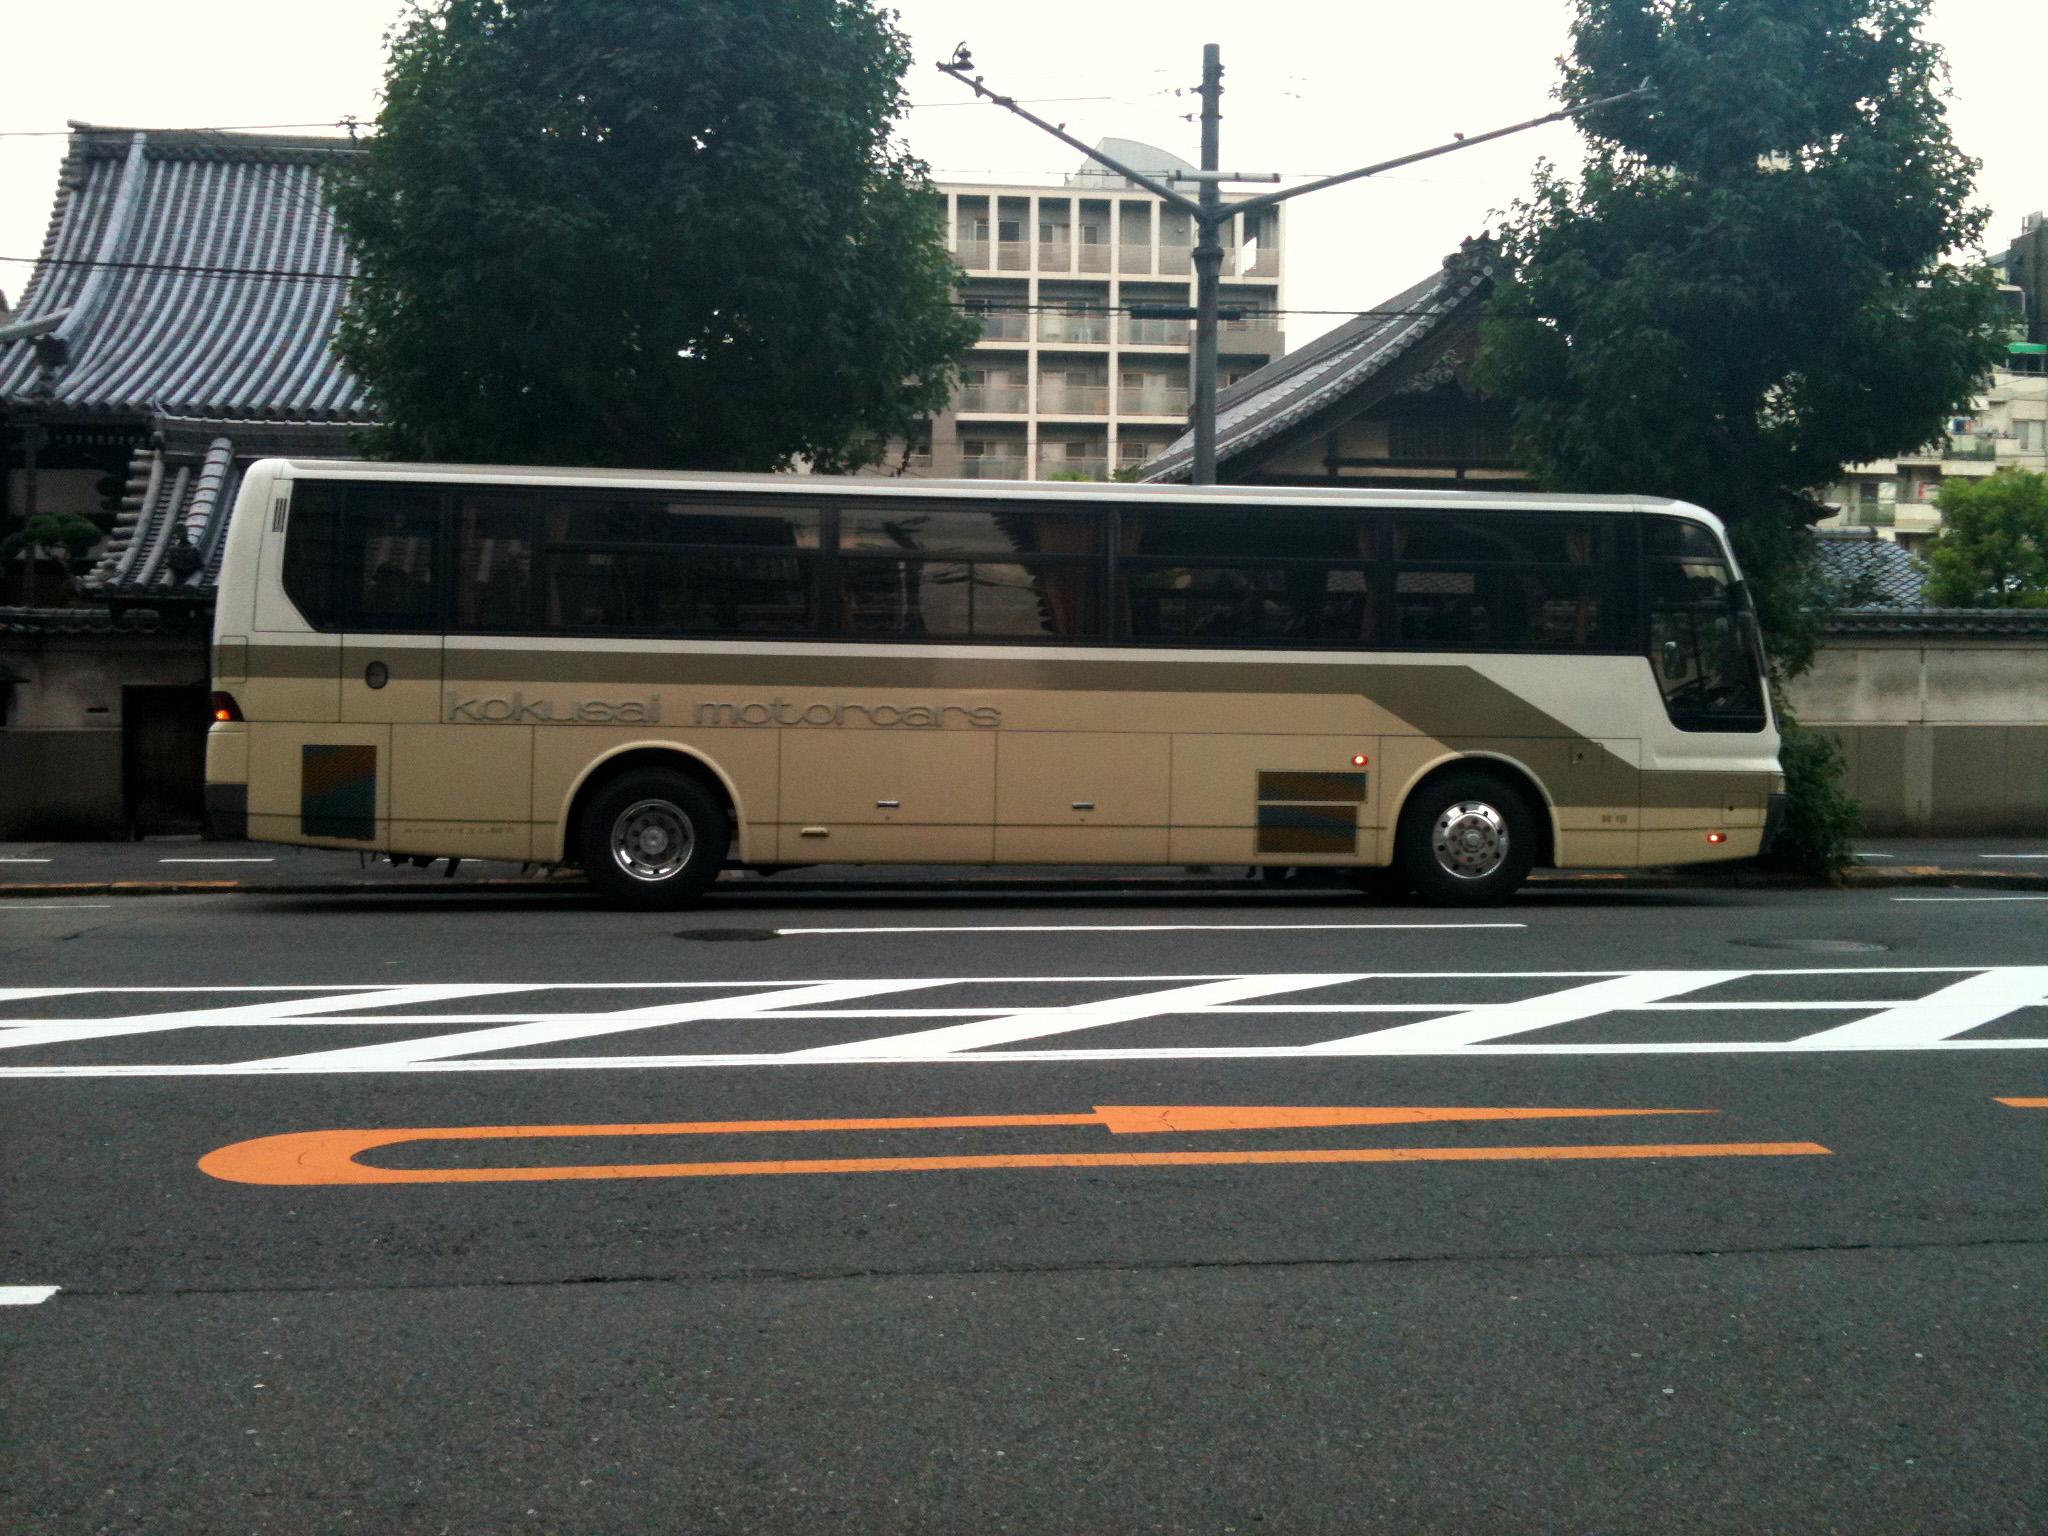 ケイエム観光バス : Design PL+US